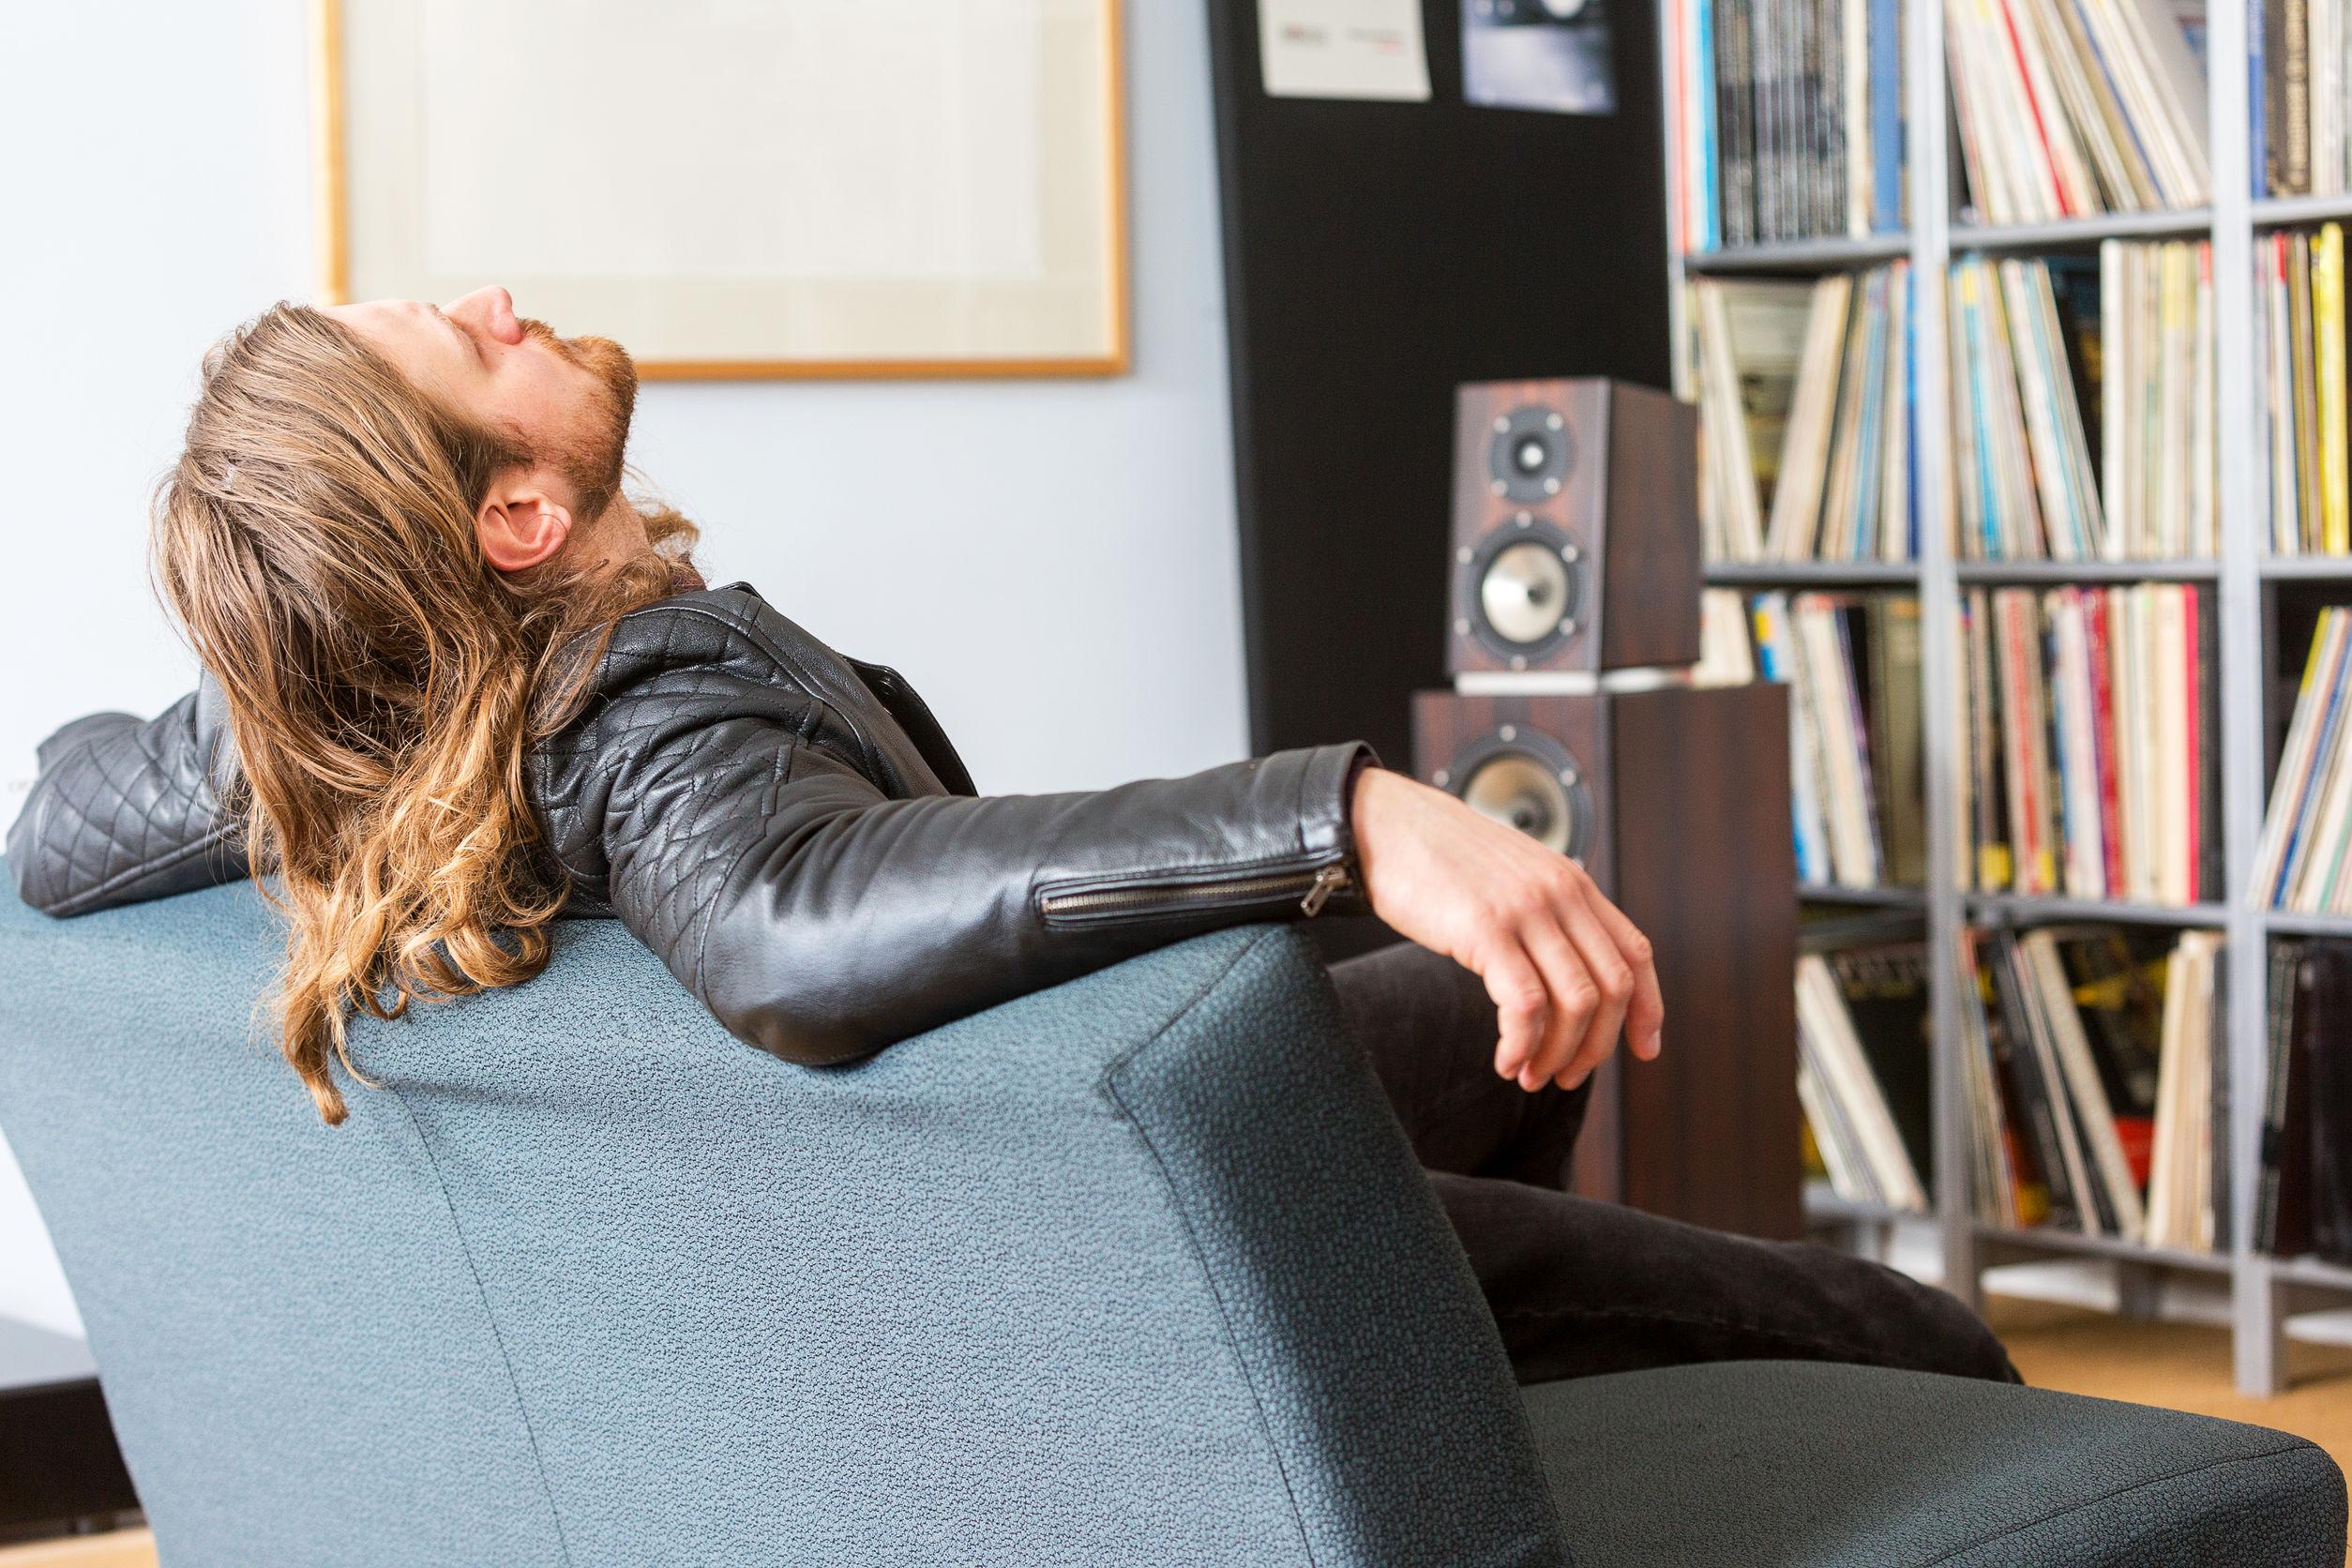 Um homem recostado em um sofá ouvindo música